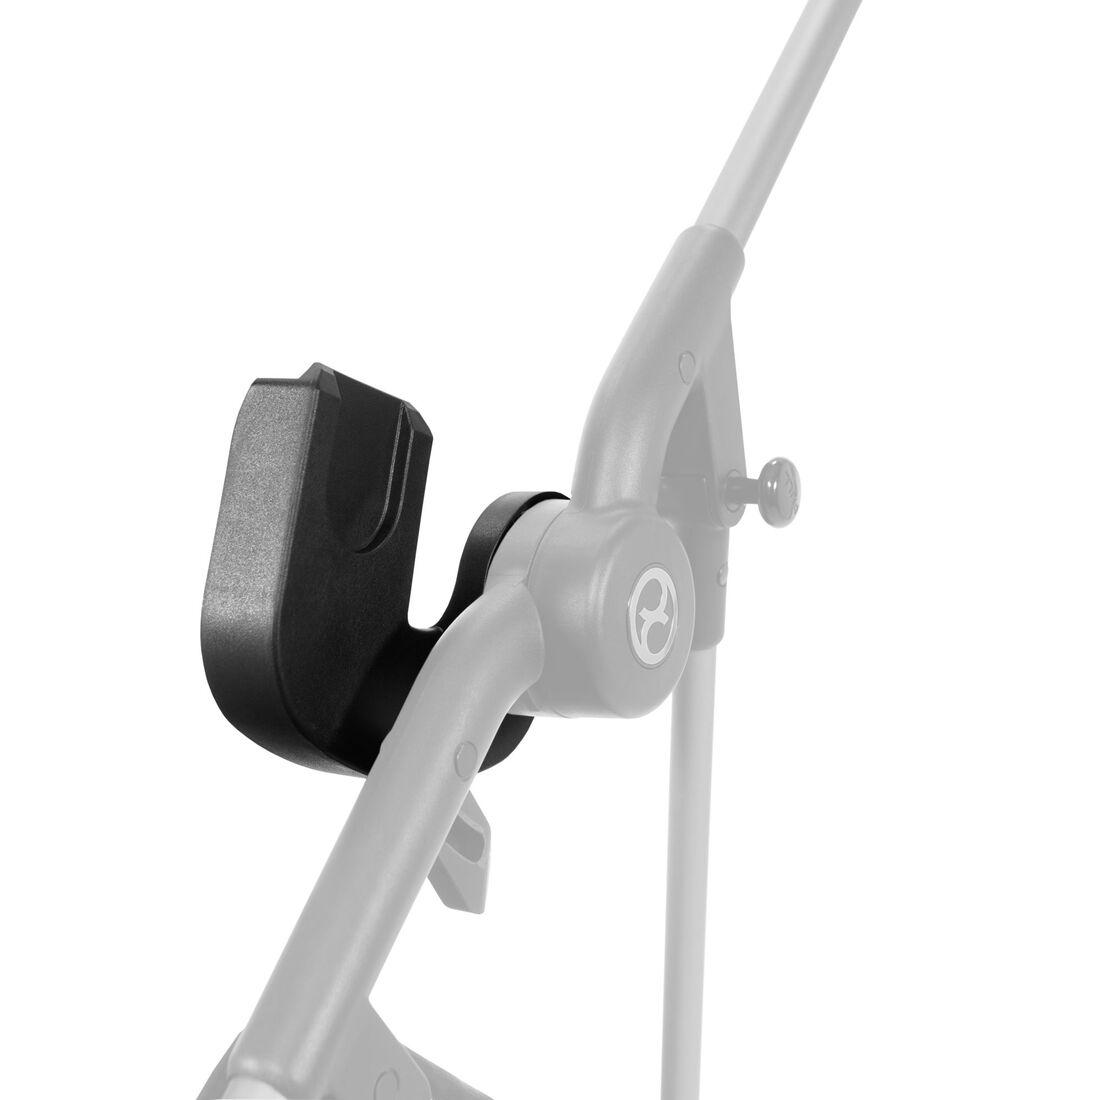 CYBEX Babyschalen Adapter Melio Line - Black in Black large Bild 1